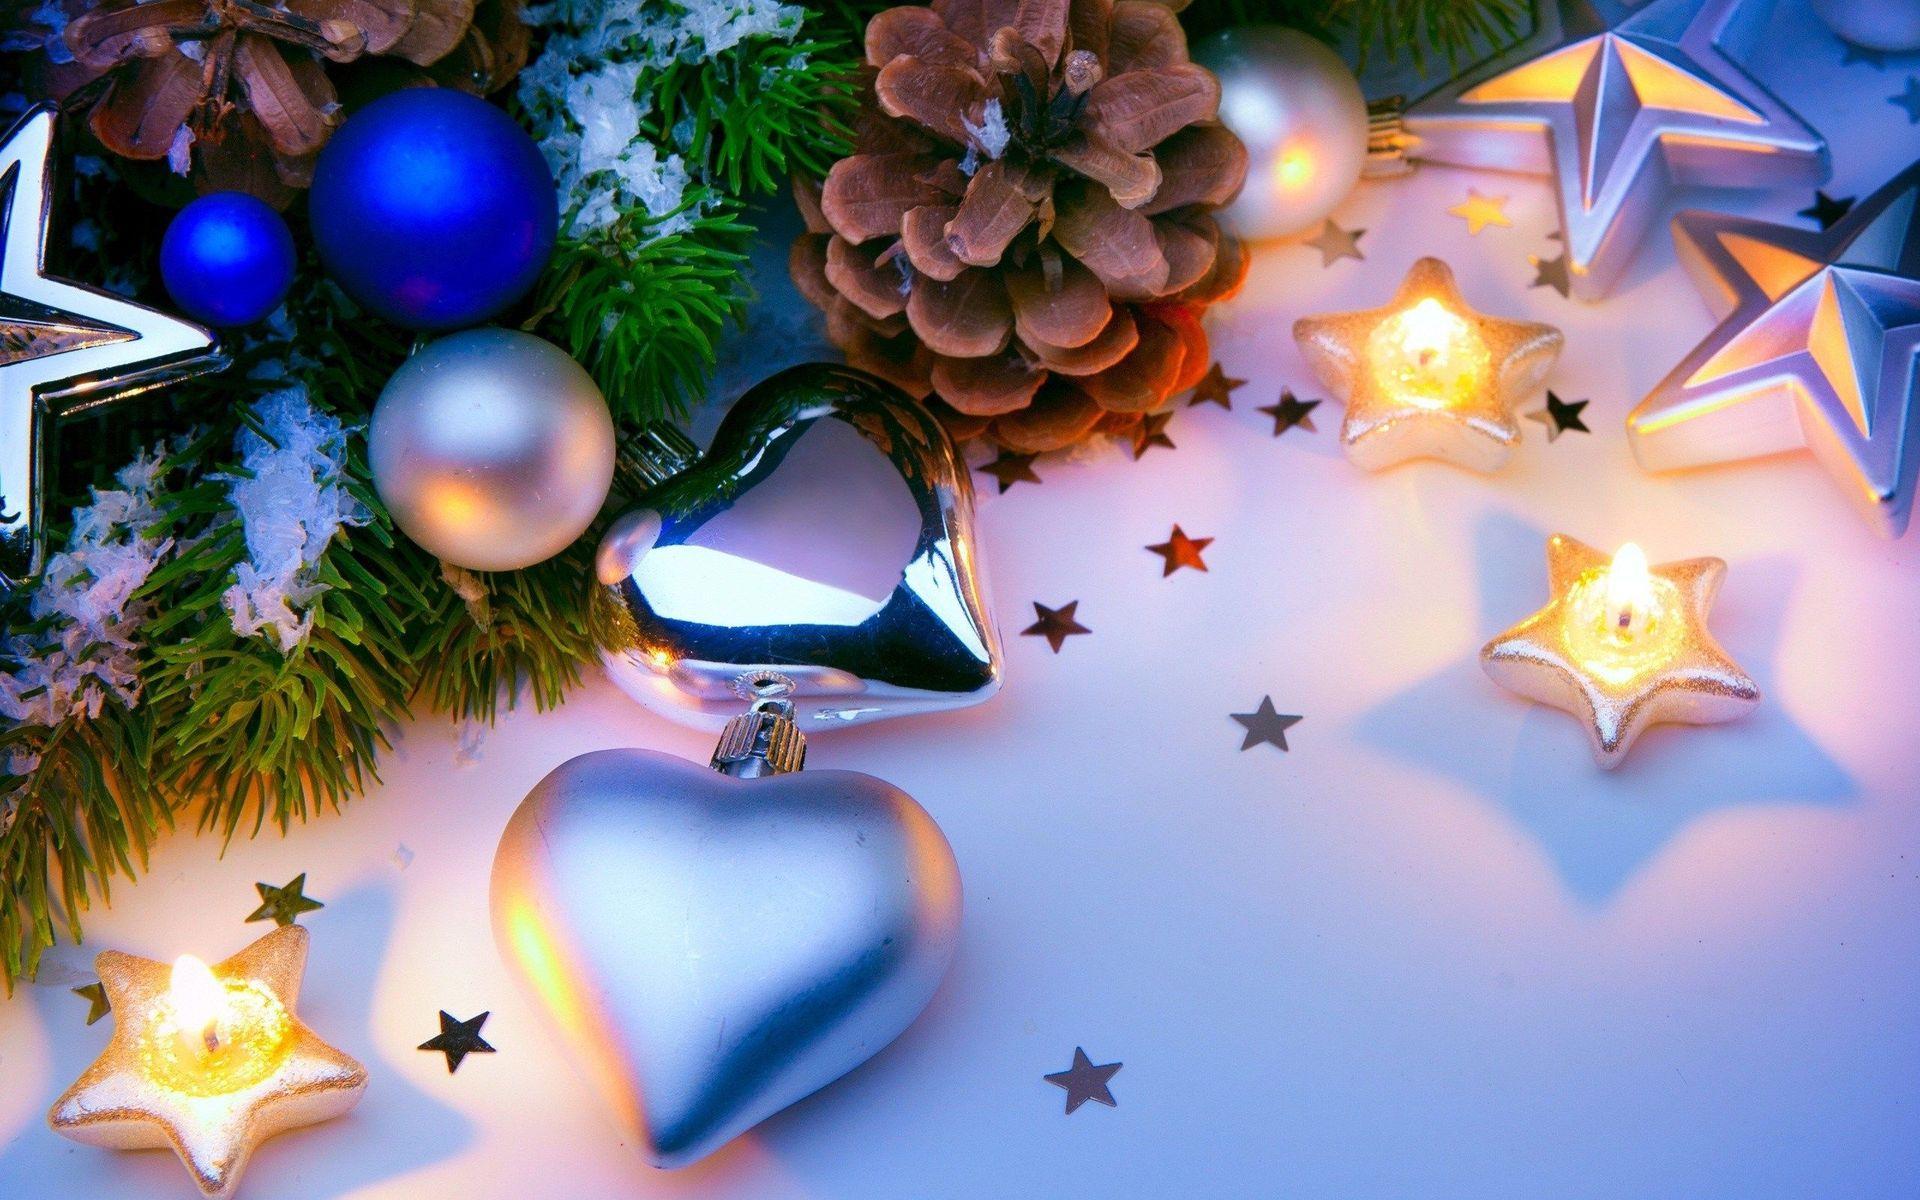 новогодние темы для обоев рабочего стола № 579495 загрузить